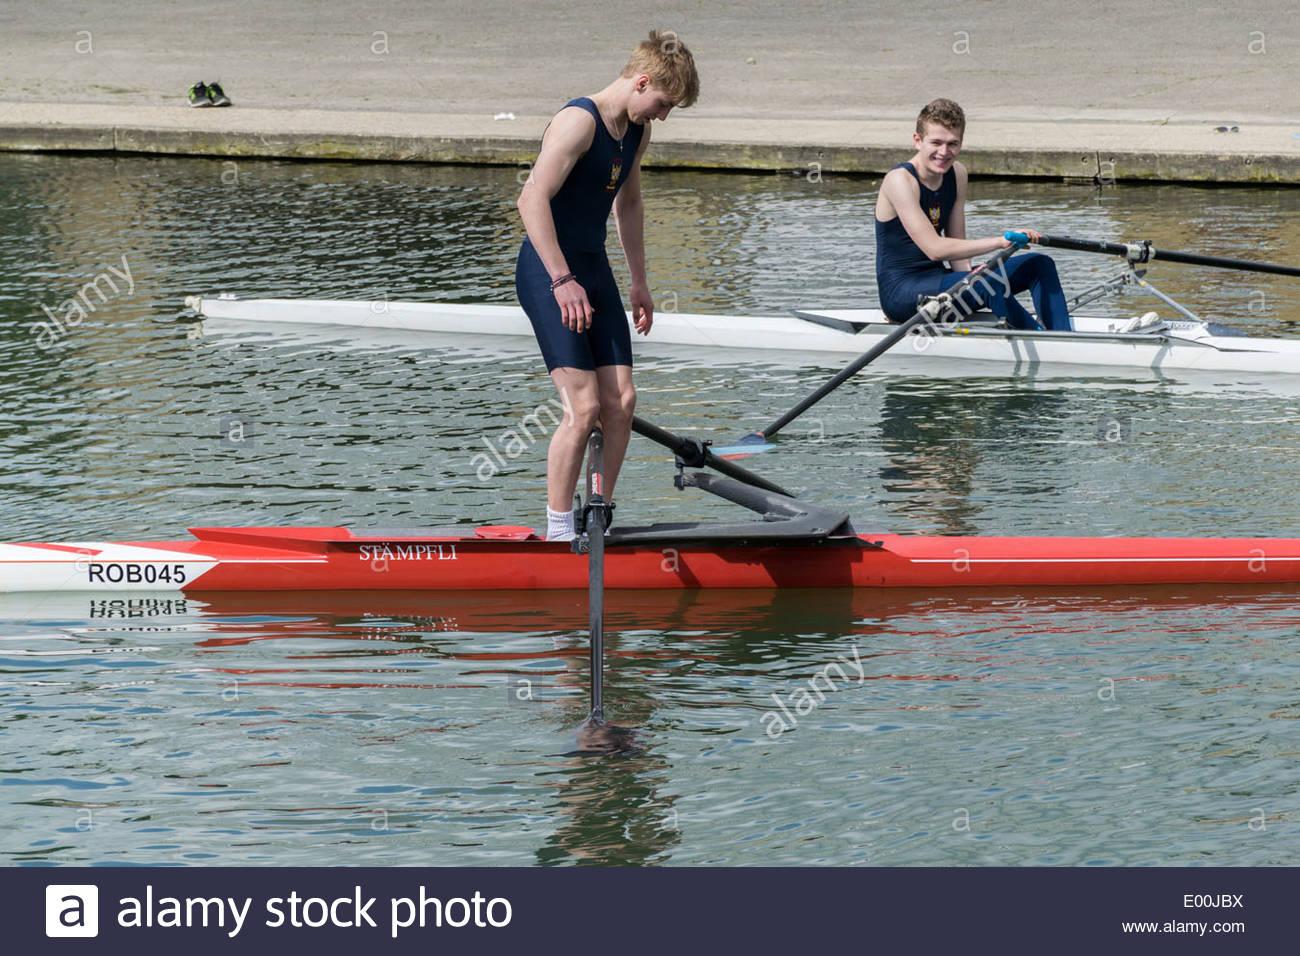 Un vogatore tenta di alzarsi in piedi in un unico sedile scull barca sul fiume Cam in Cambridge mentre un altro vogatore guarda su Immagini Stock